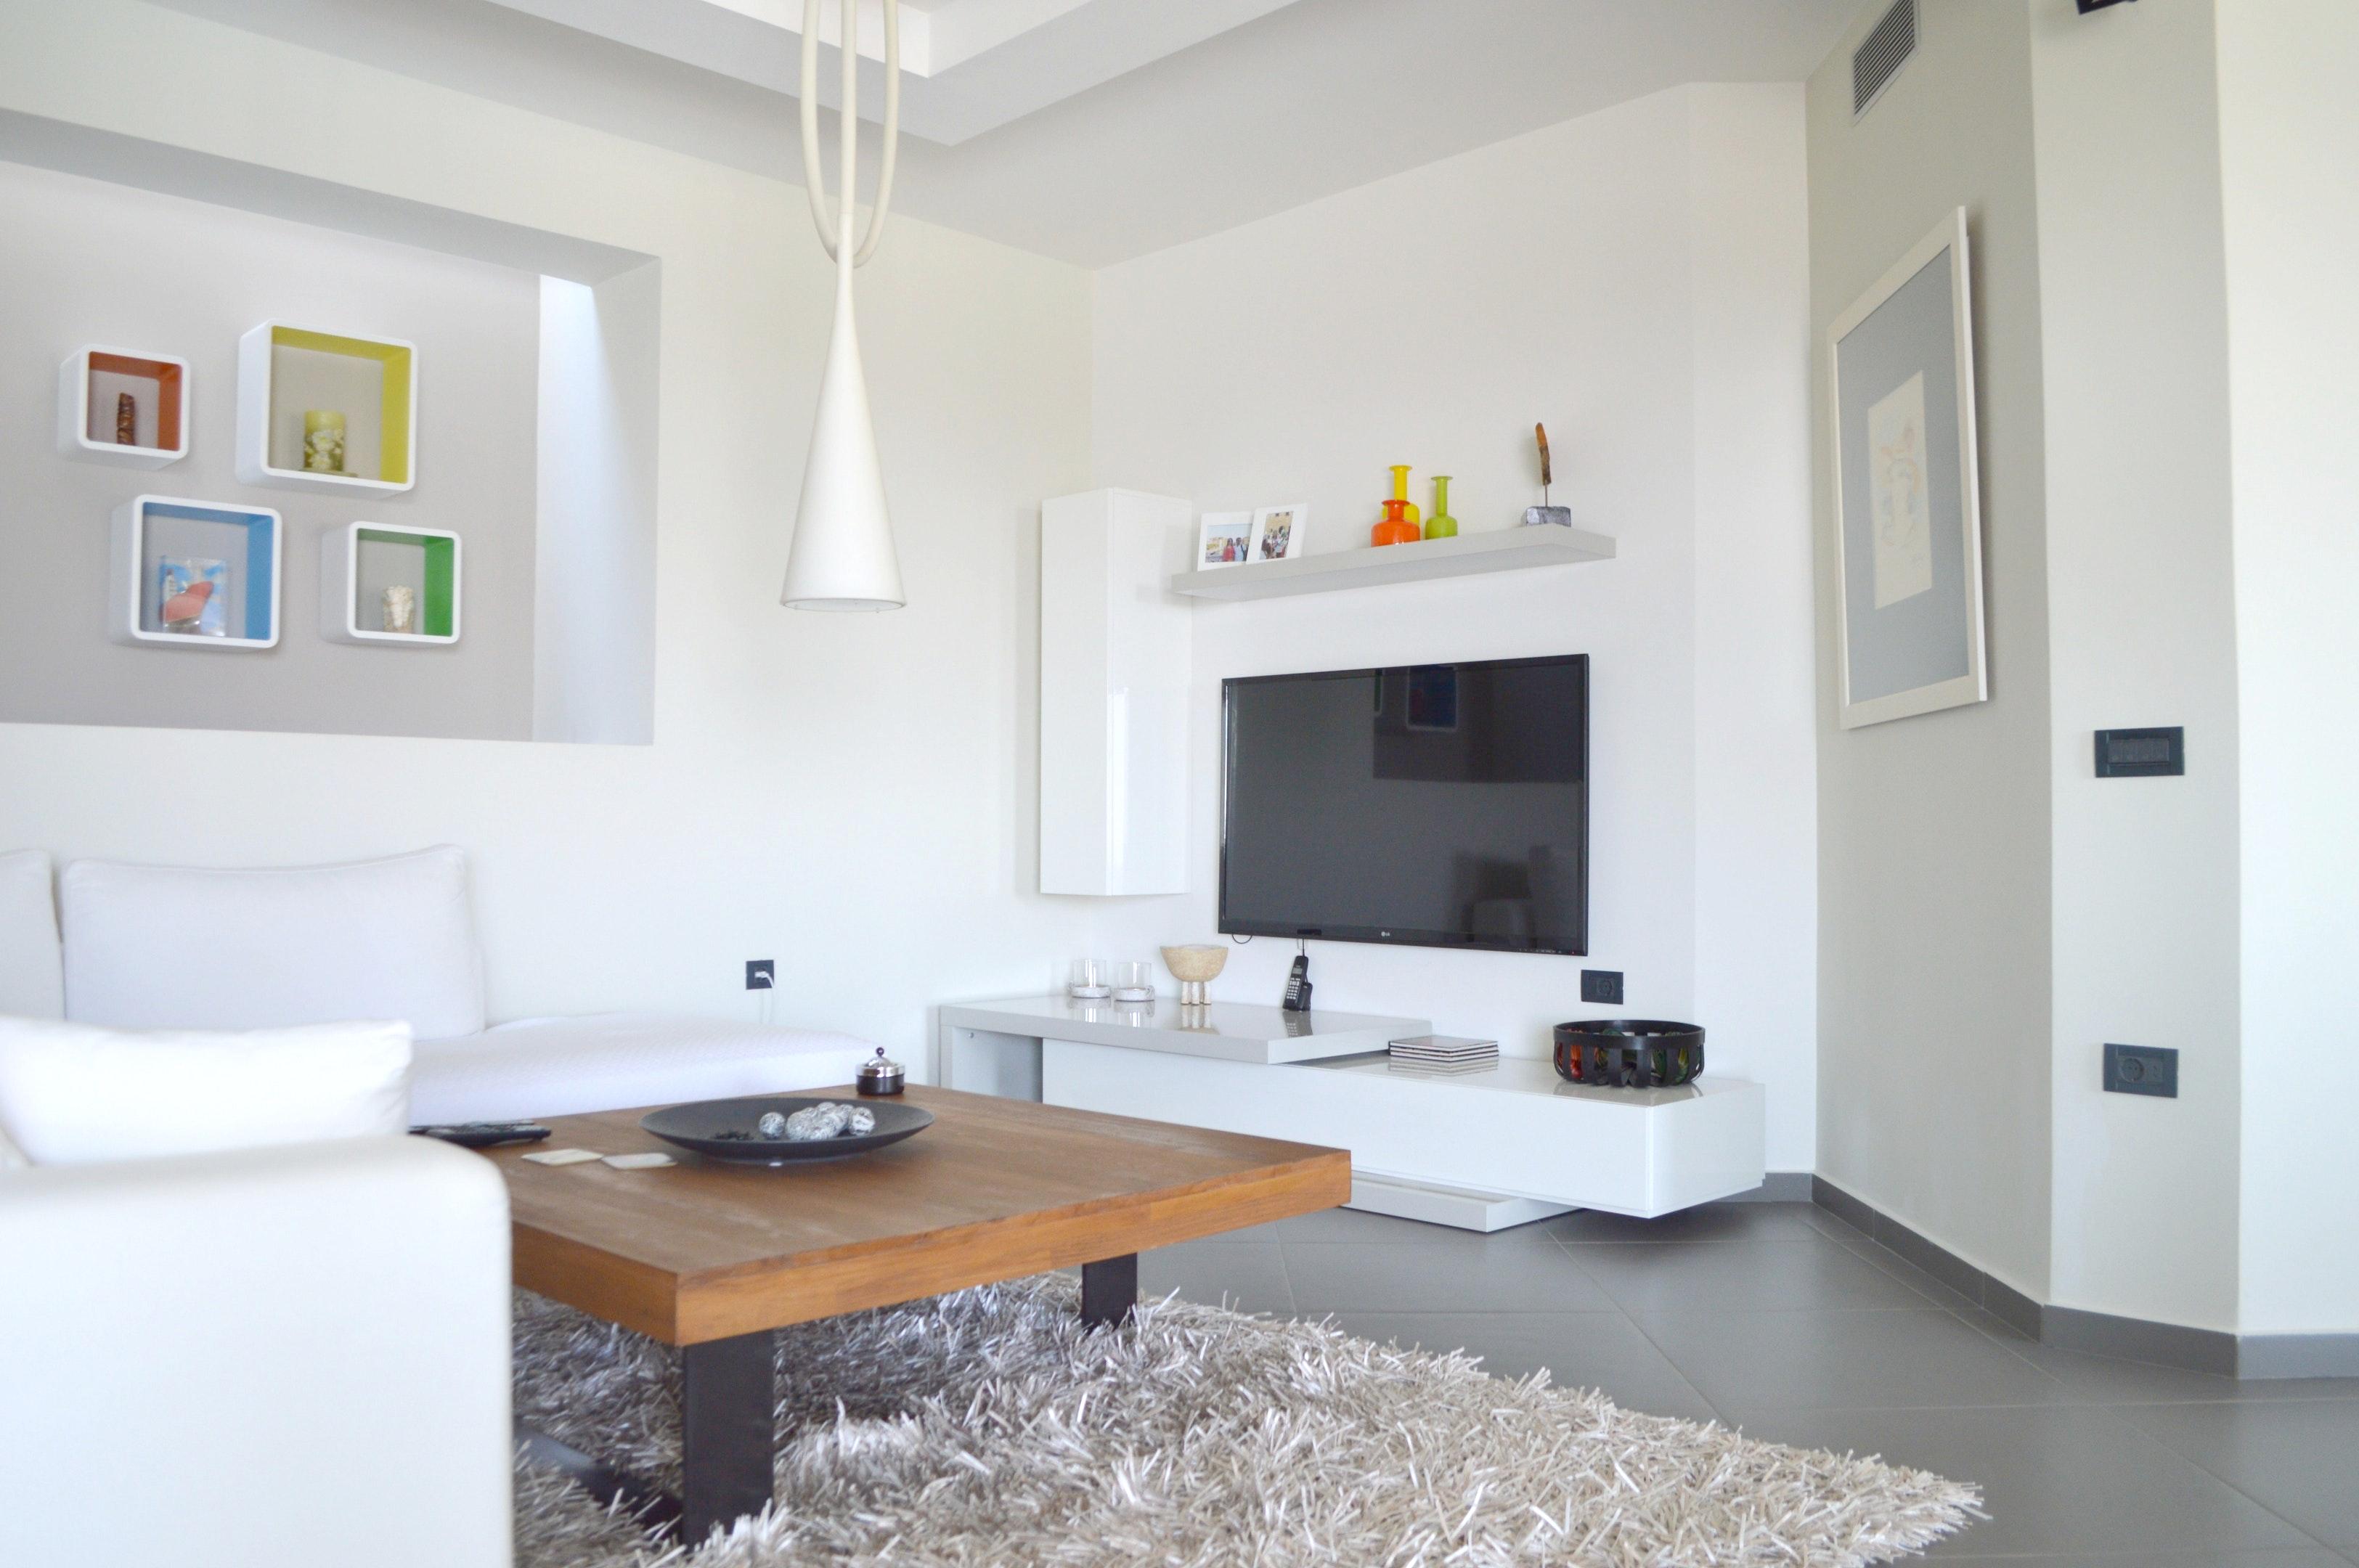 Maison de vacances Villa mit 4 Schlafzimmern in Anavissos mit herrlichem Meerblick, privatem Pool, eingezäunt (2339408), Thimari, , Attique, Grèce, image 2